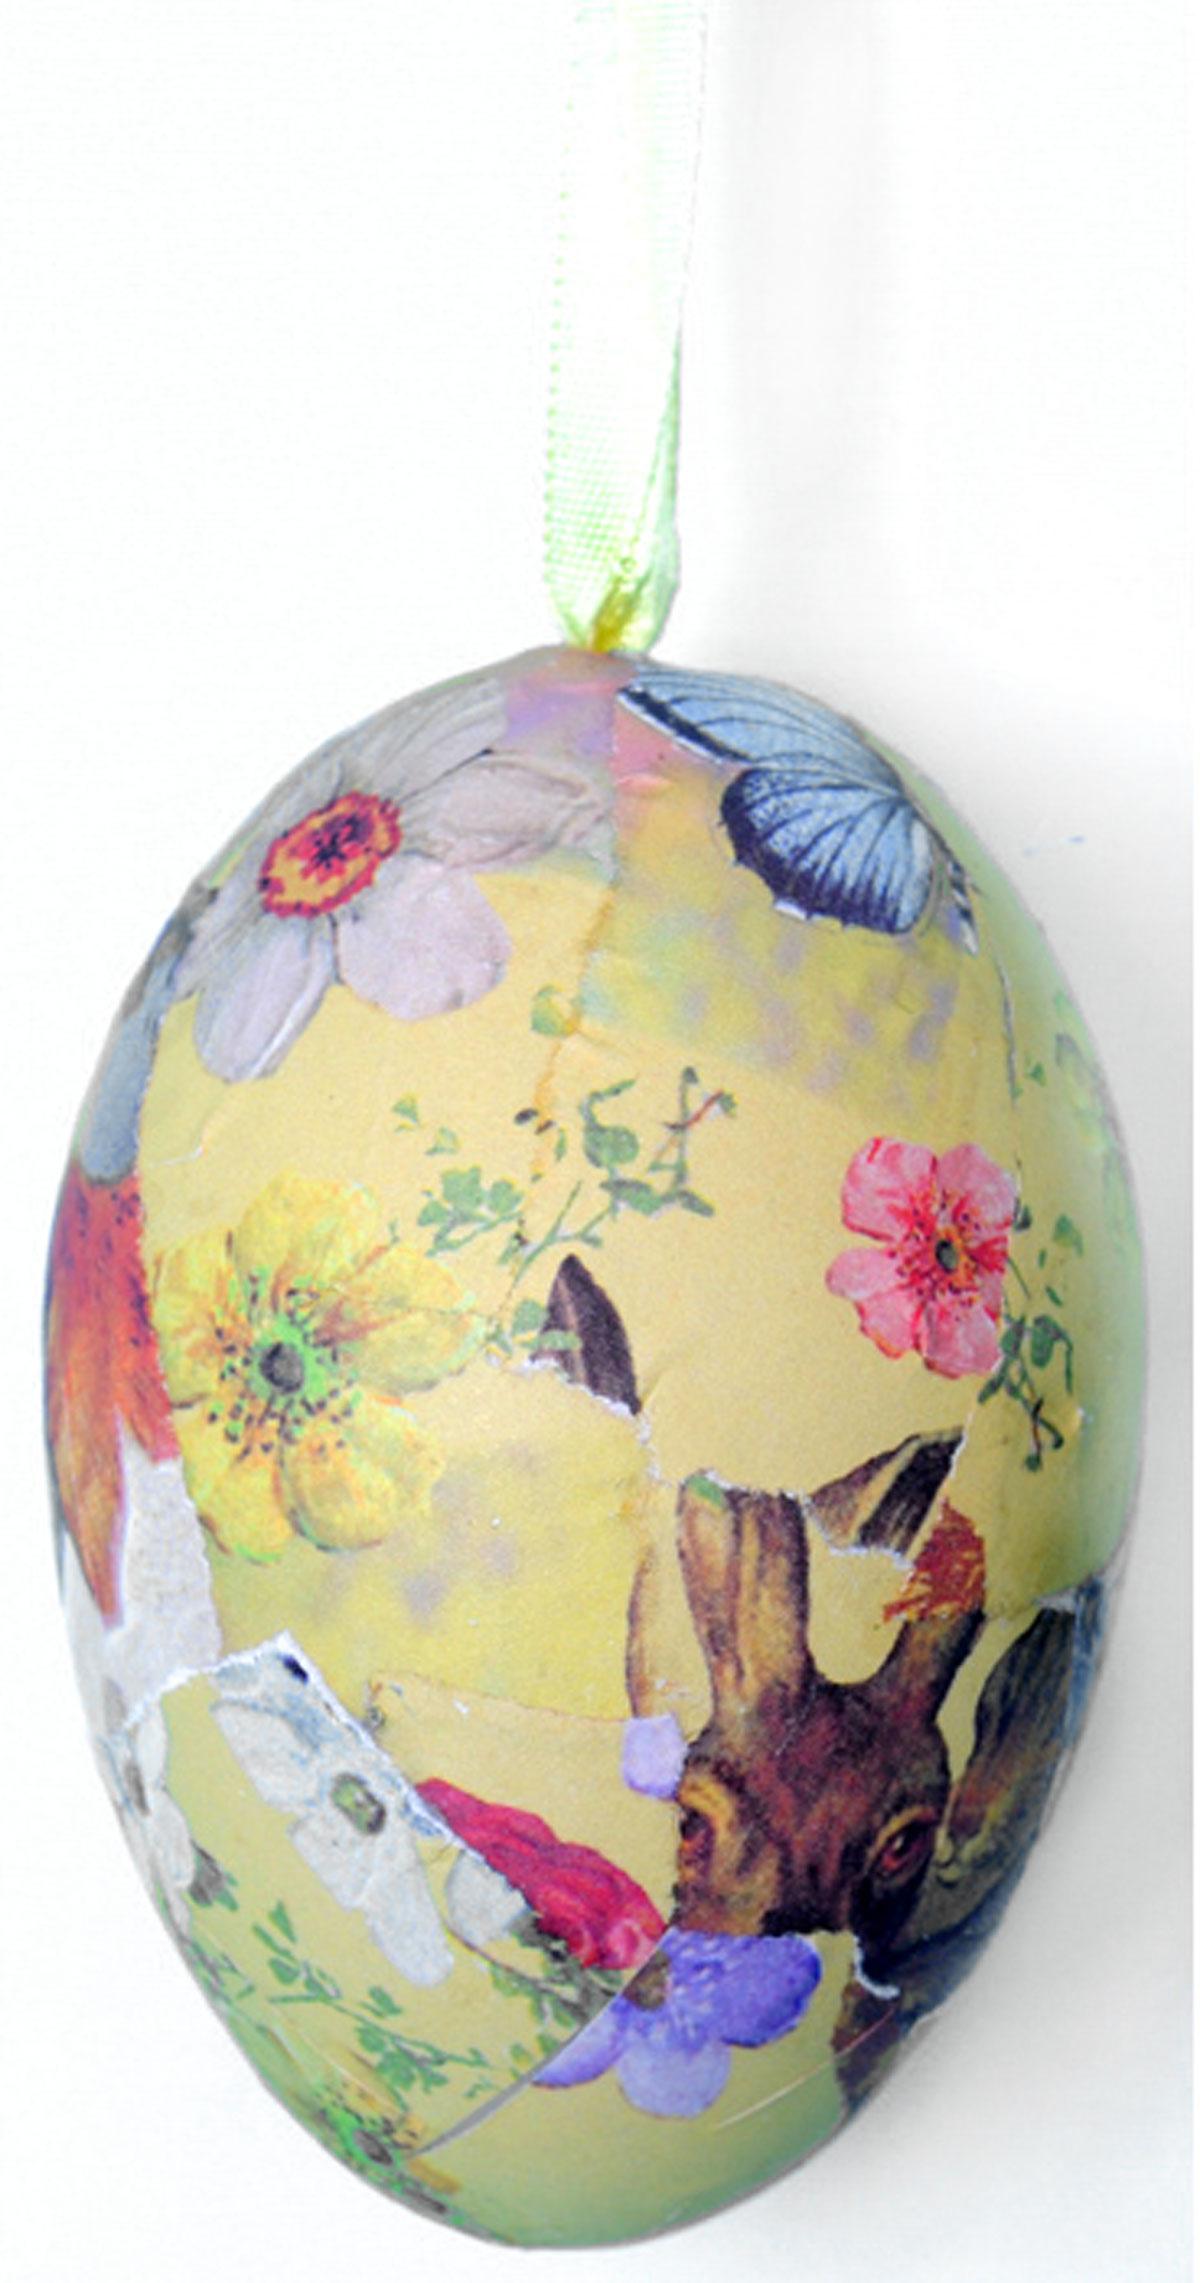 Декоративное подвесное украшение Home Queen Винтаж66755_2Подвесное украшение Home Queen Винтаж, выполненное в форме яйца, изготовлено из пластика и бумаги и декорировано рисунком в стиле винтаж. Изделие оснащено текстильной петелькой для подвешивания.Такое украшение прекрасно оформит интерьер дома или станет замечательным подарком для друзей и близких на Пасху. Размер яйца: 5,5 см х 5,5 см х 8 см.